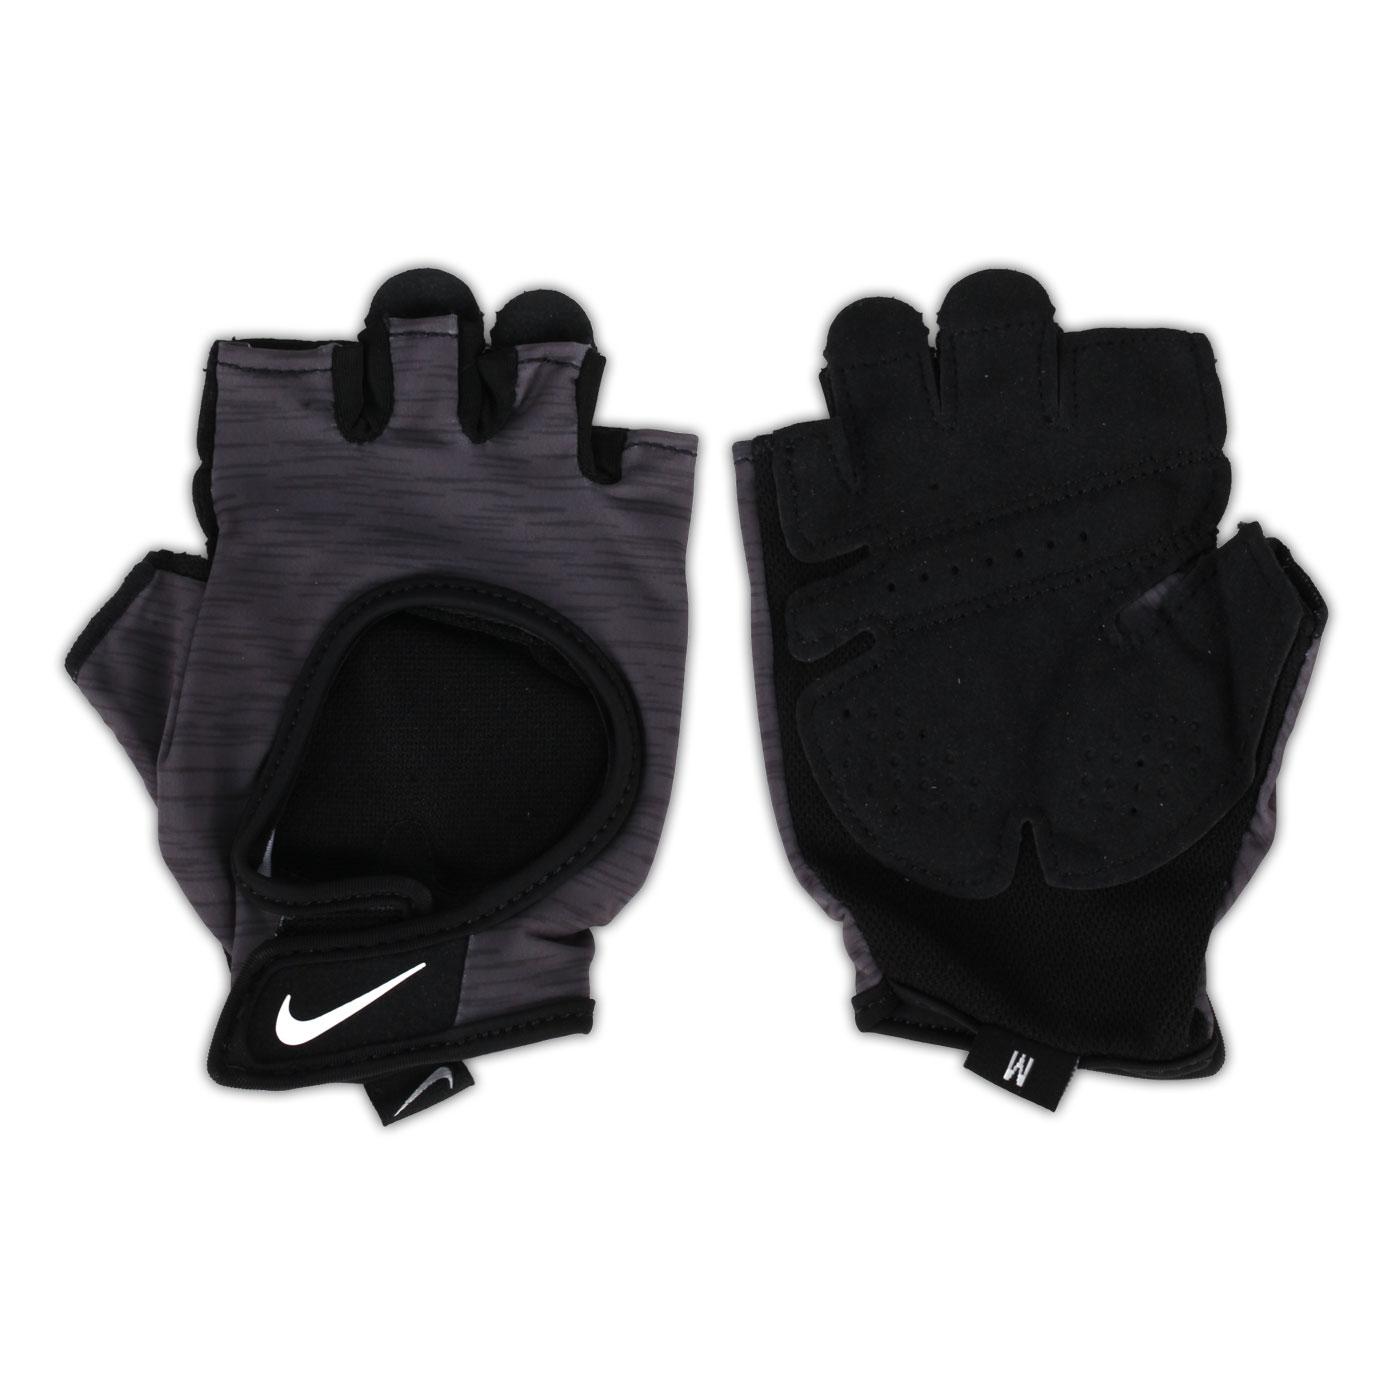 NIKE 女子中階訓練手套 N0002555051LG